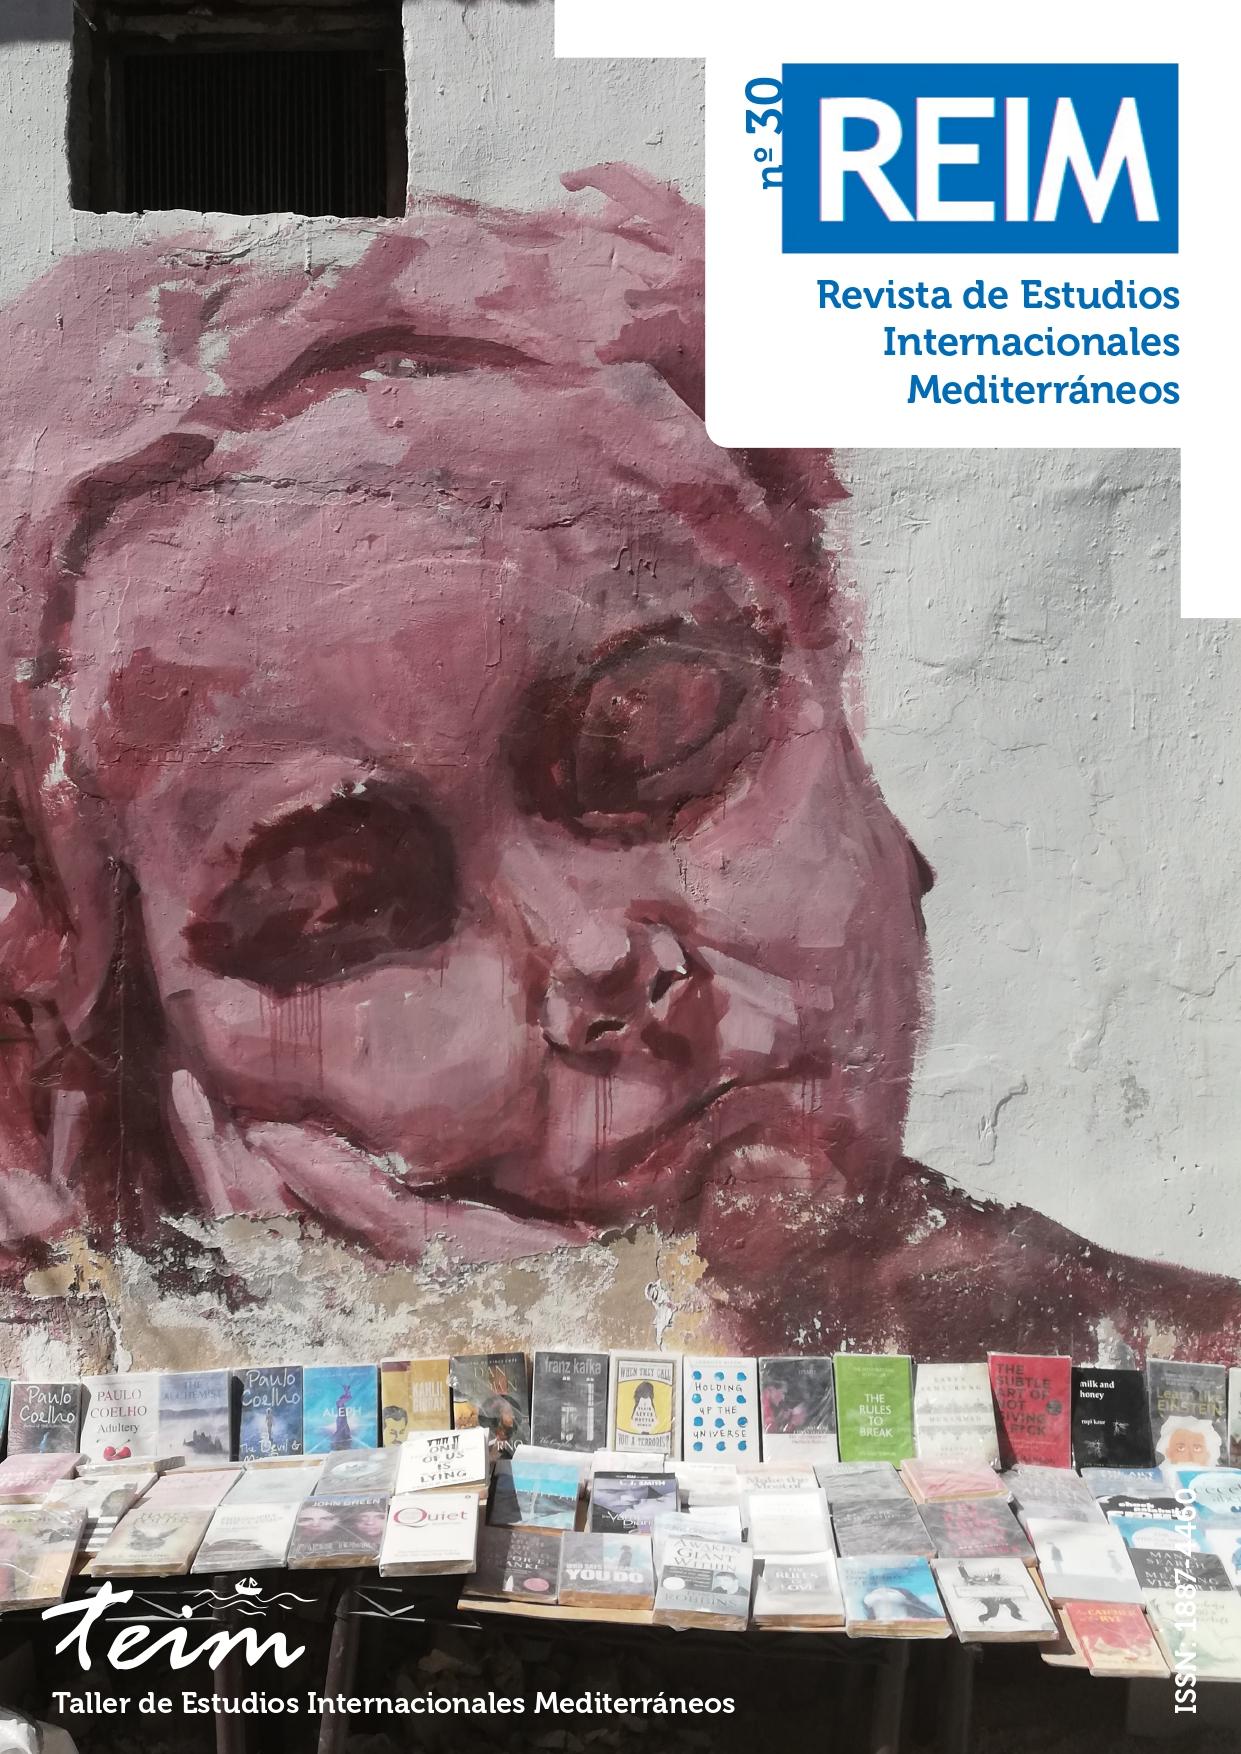 Portada del número 30 de la Revista de Estudios Internacionales Mediterráneos